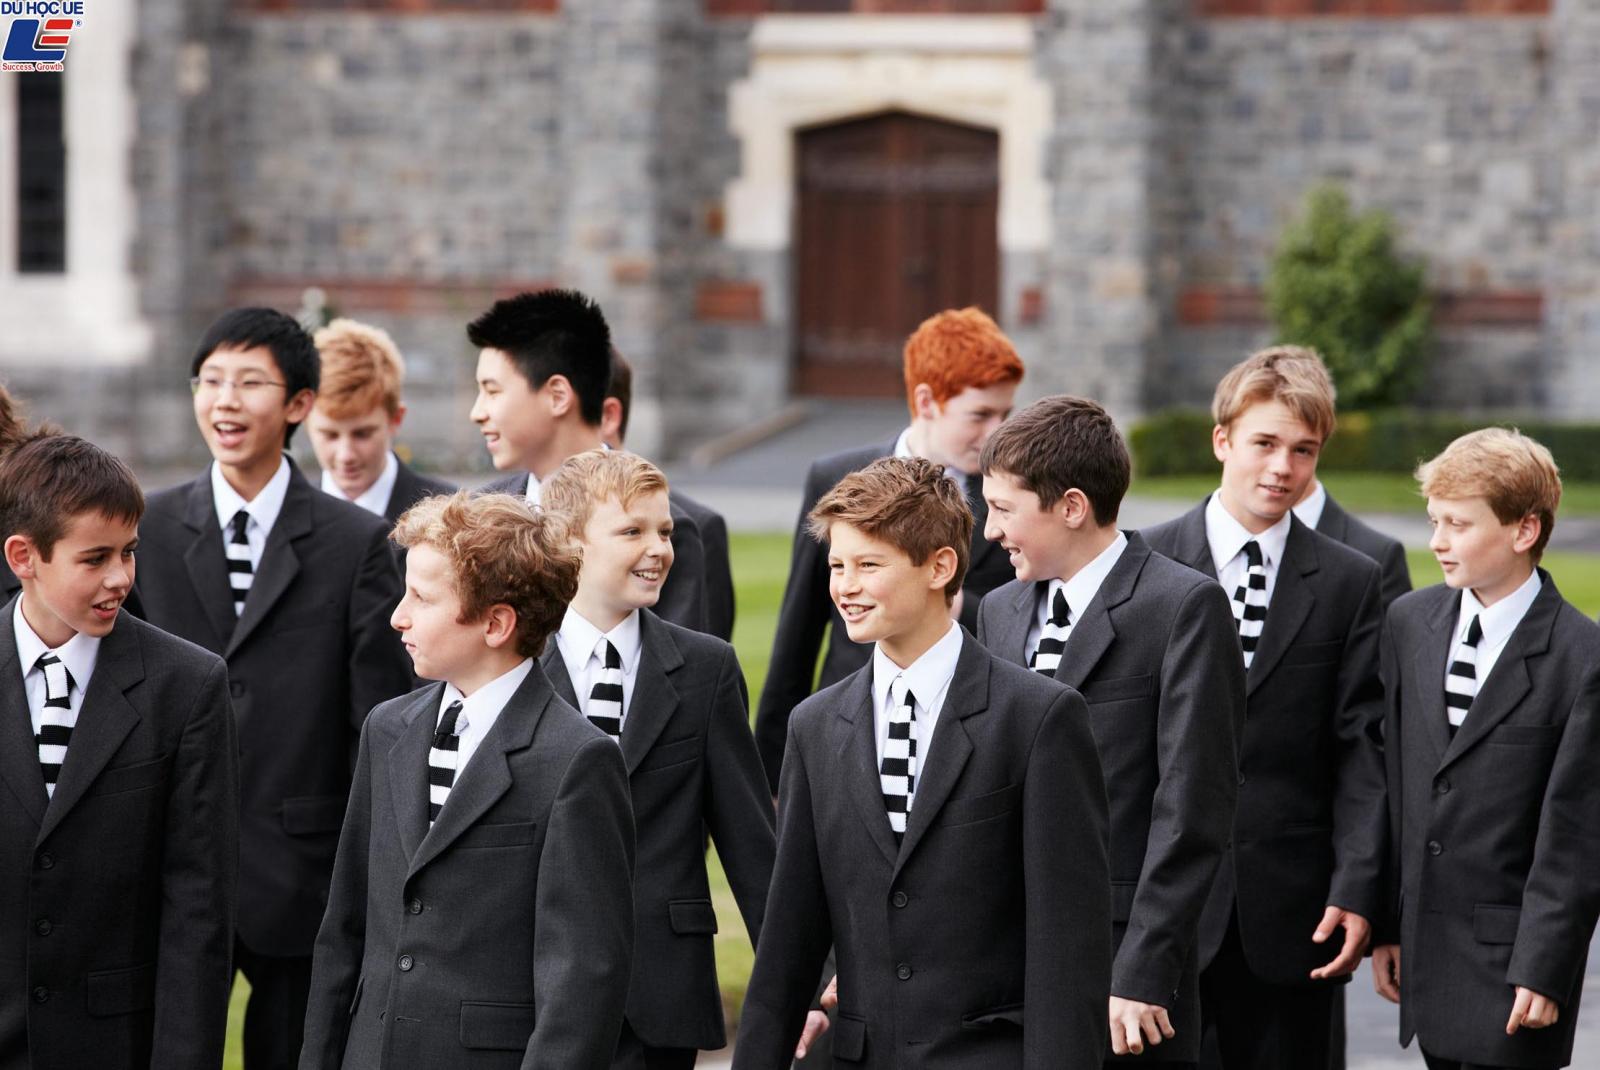 Học bổng hấp dẫn của chính phủ New Zealand dành cho chương trình trung học phổ thông vào trường Christ's College 2